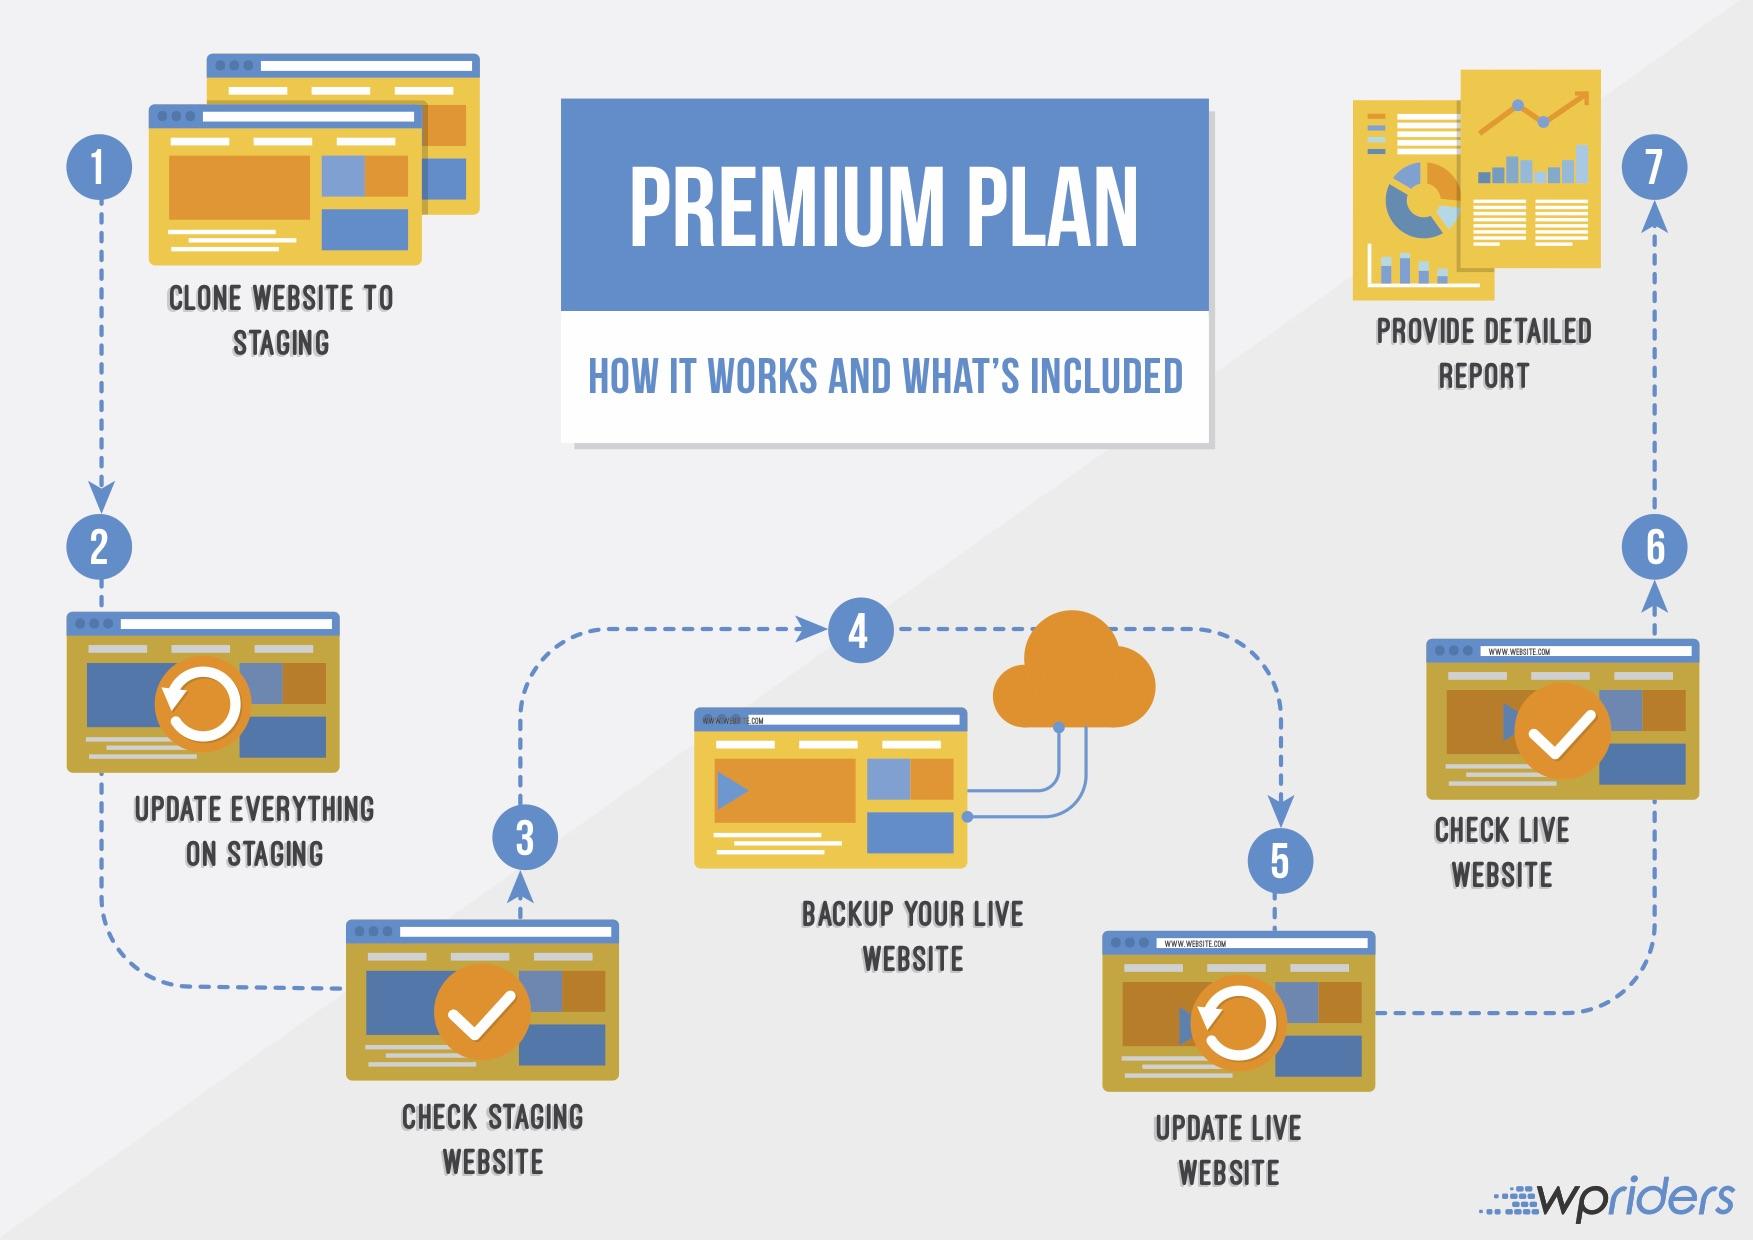 WordPress Updates Premium Plan